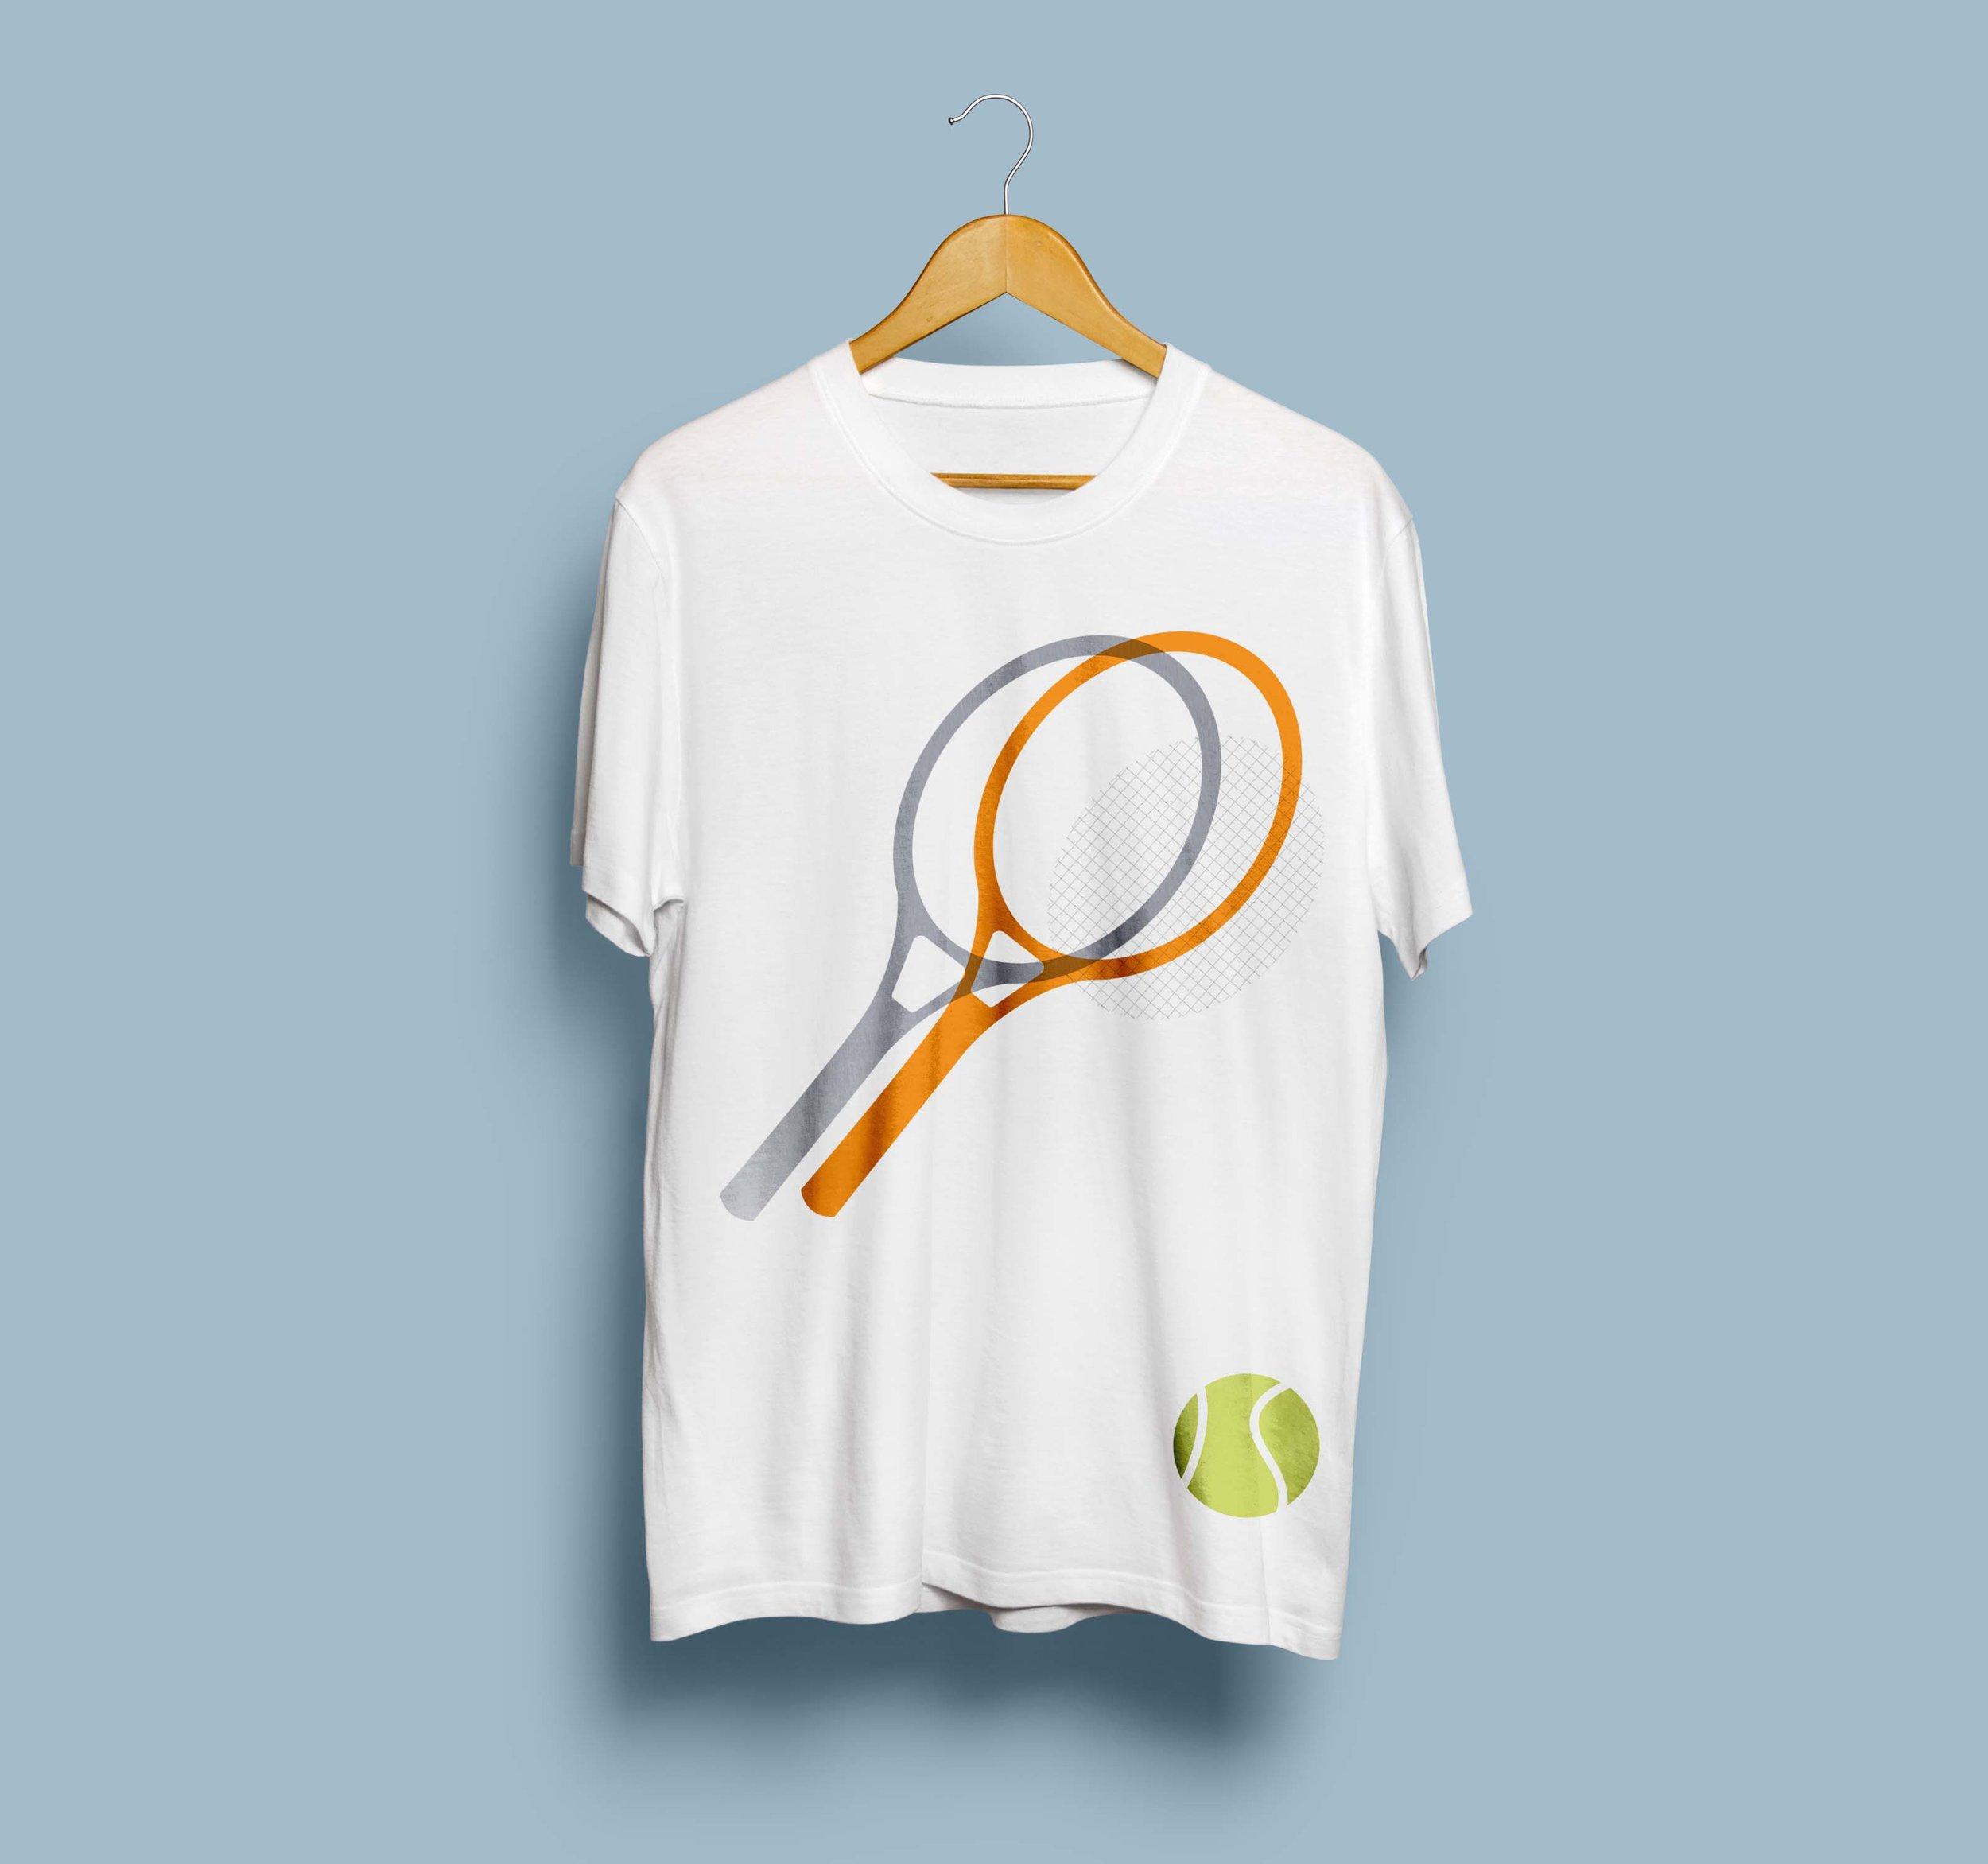 jaguar_tenis_3.jpg